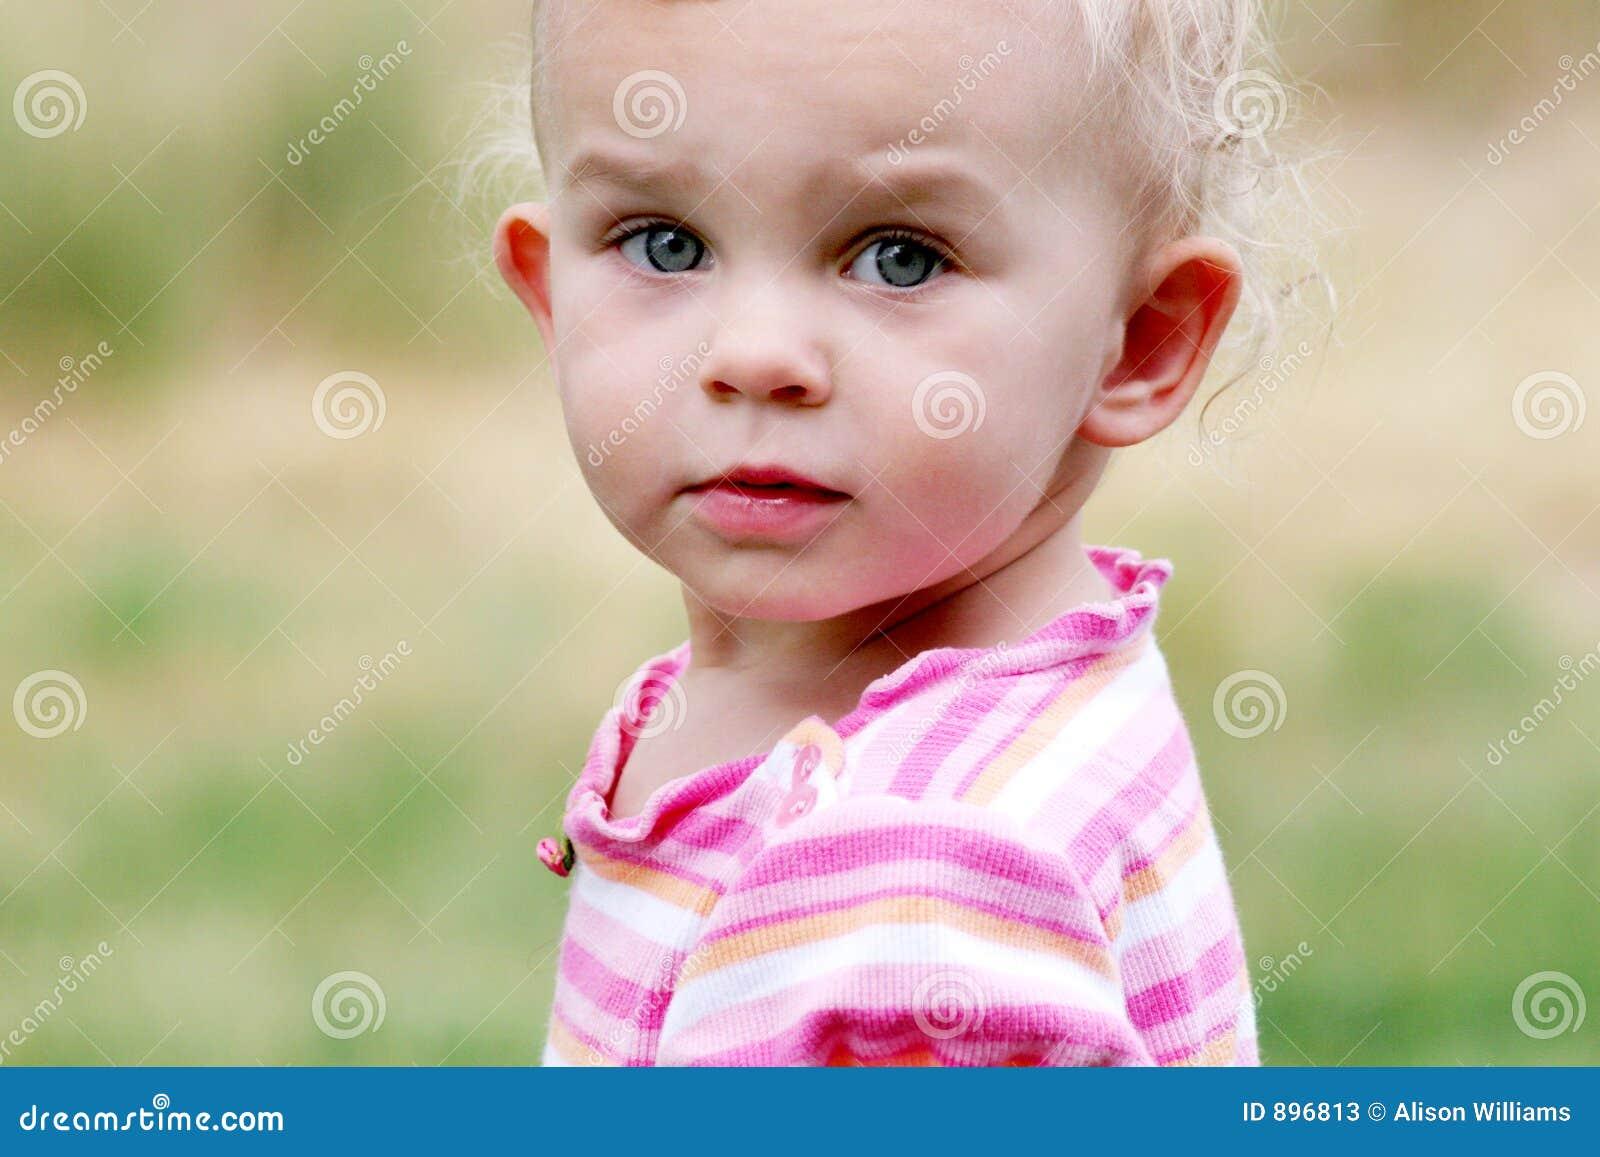 Piękne dziecko